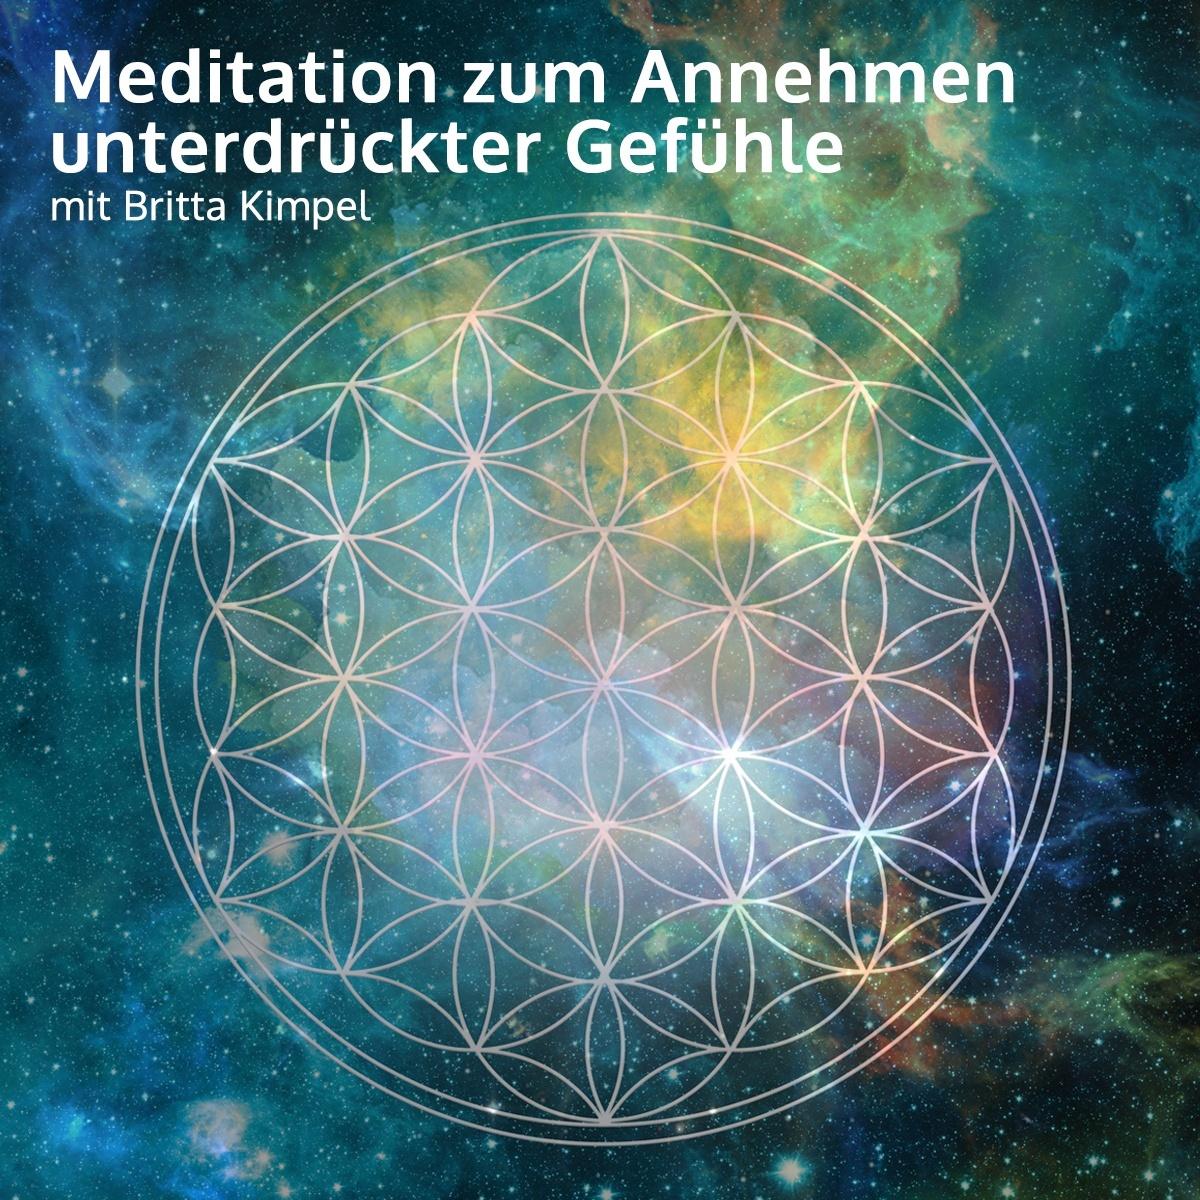 Meditation zum liebevollen Annehmen unterdrückter Gefühle